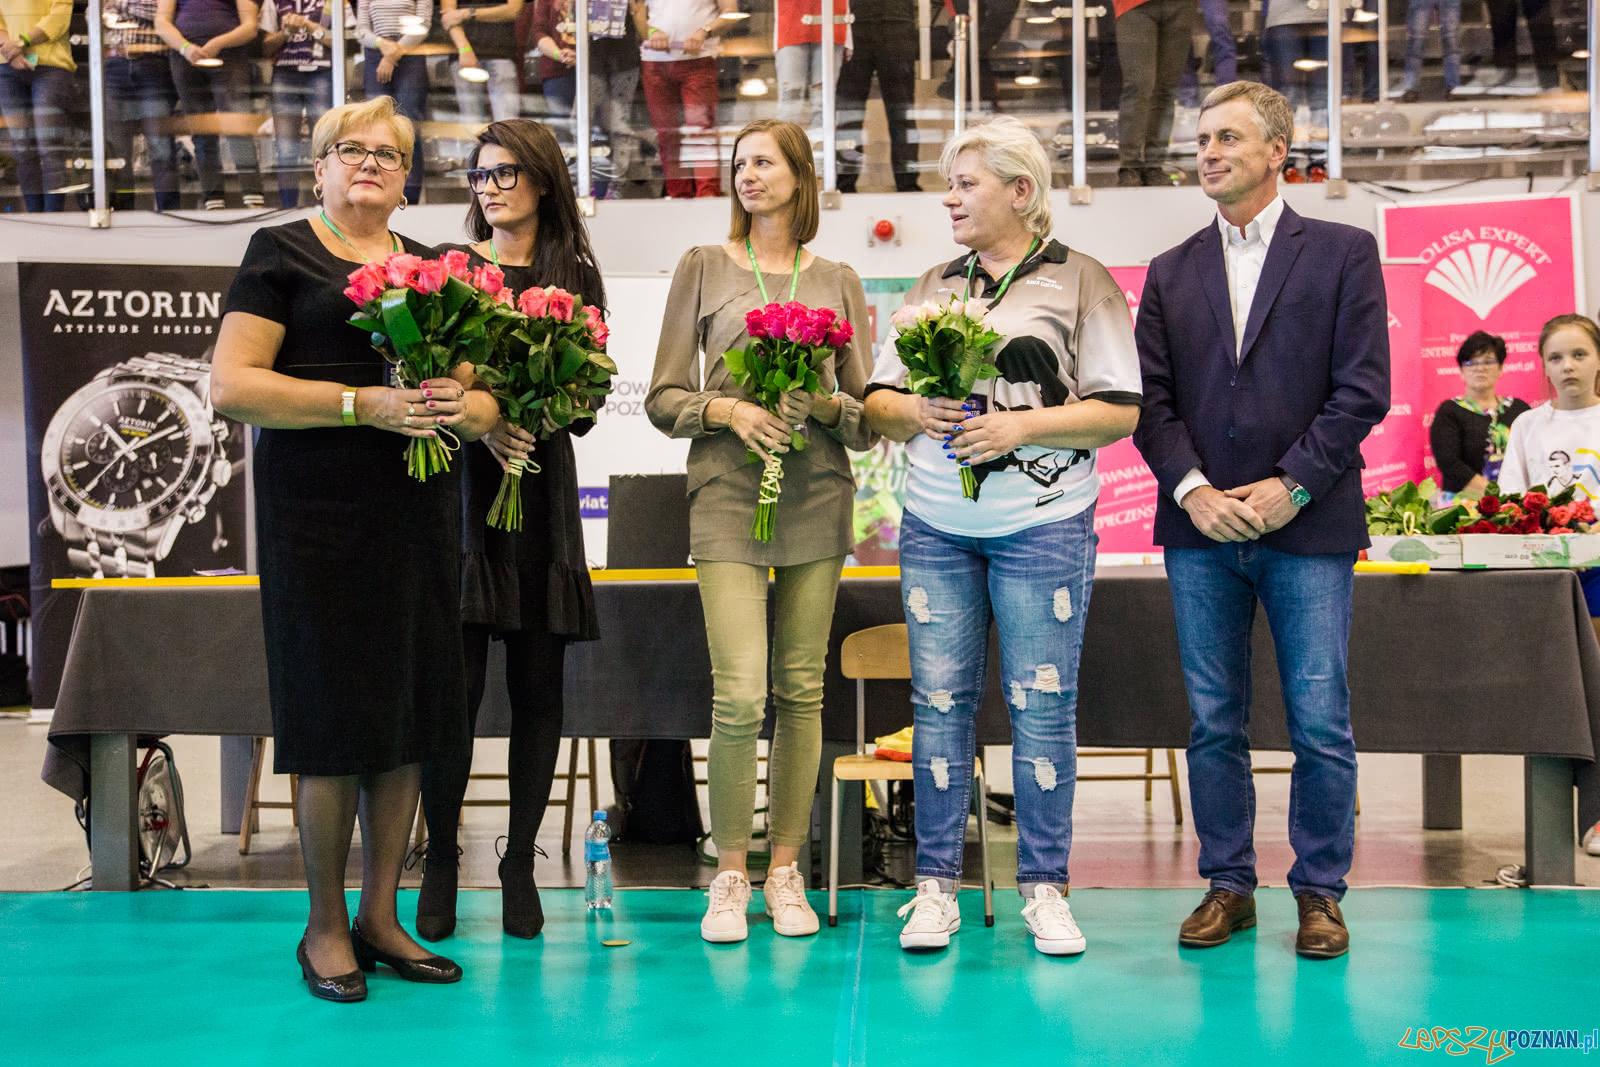 XIV Agrobex Memoriał Arka Gołasia (6.10.2018) Zalasewo  Foto: © Karolina Kiraga